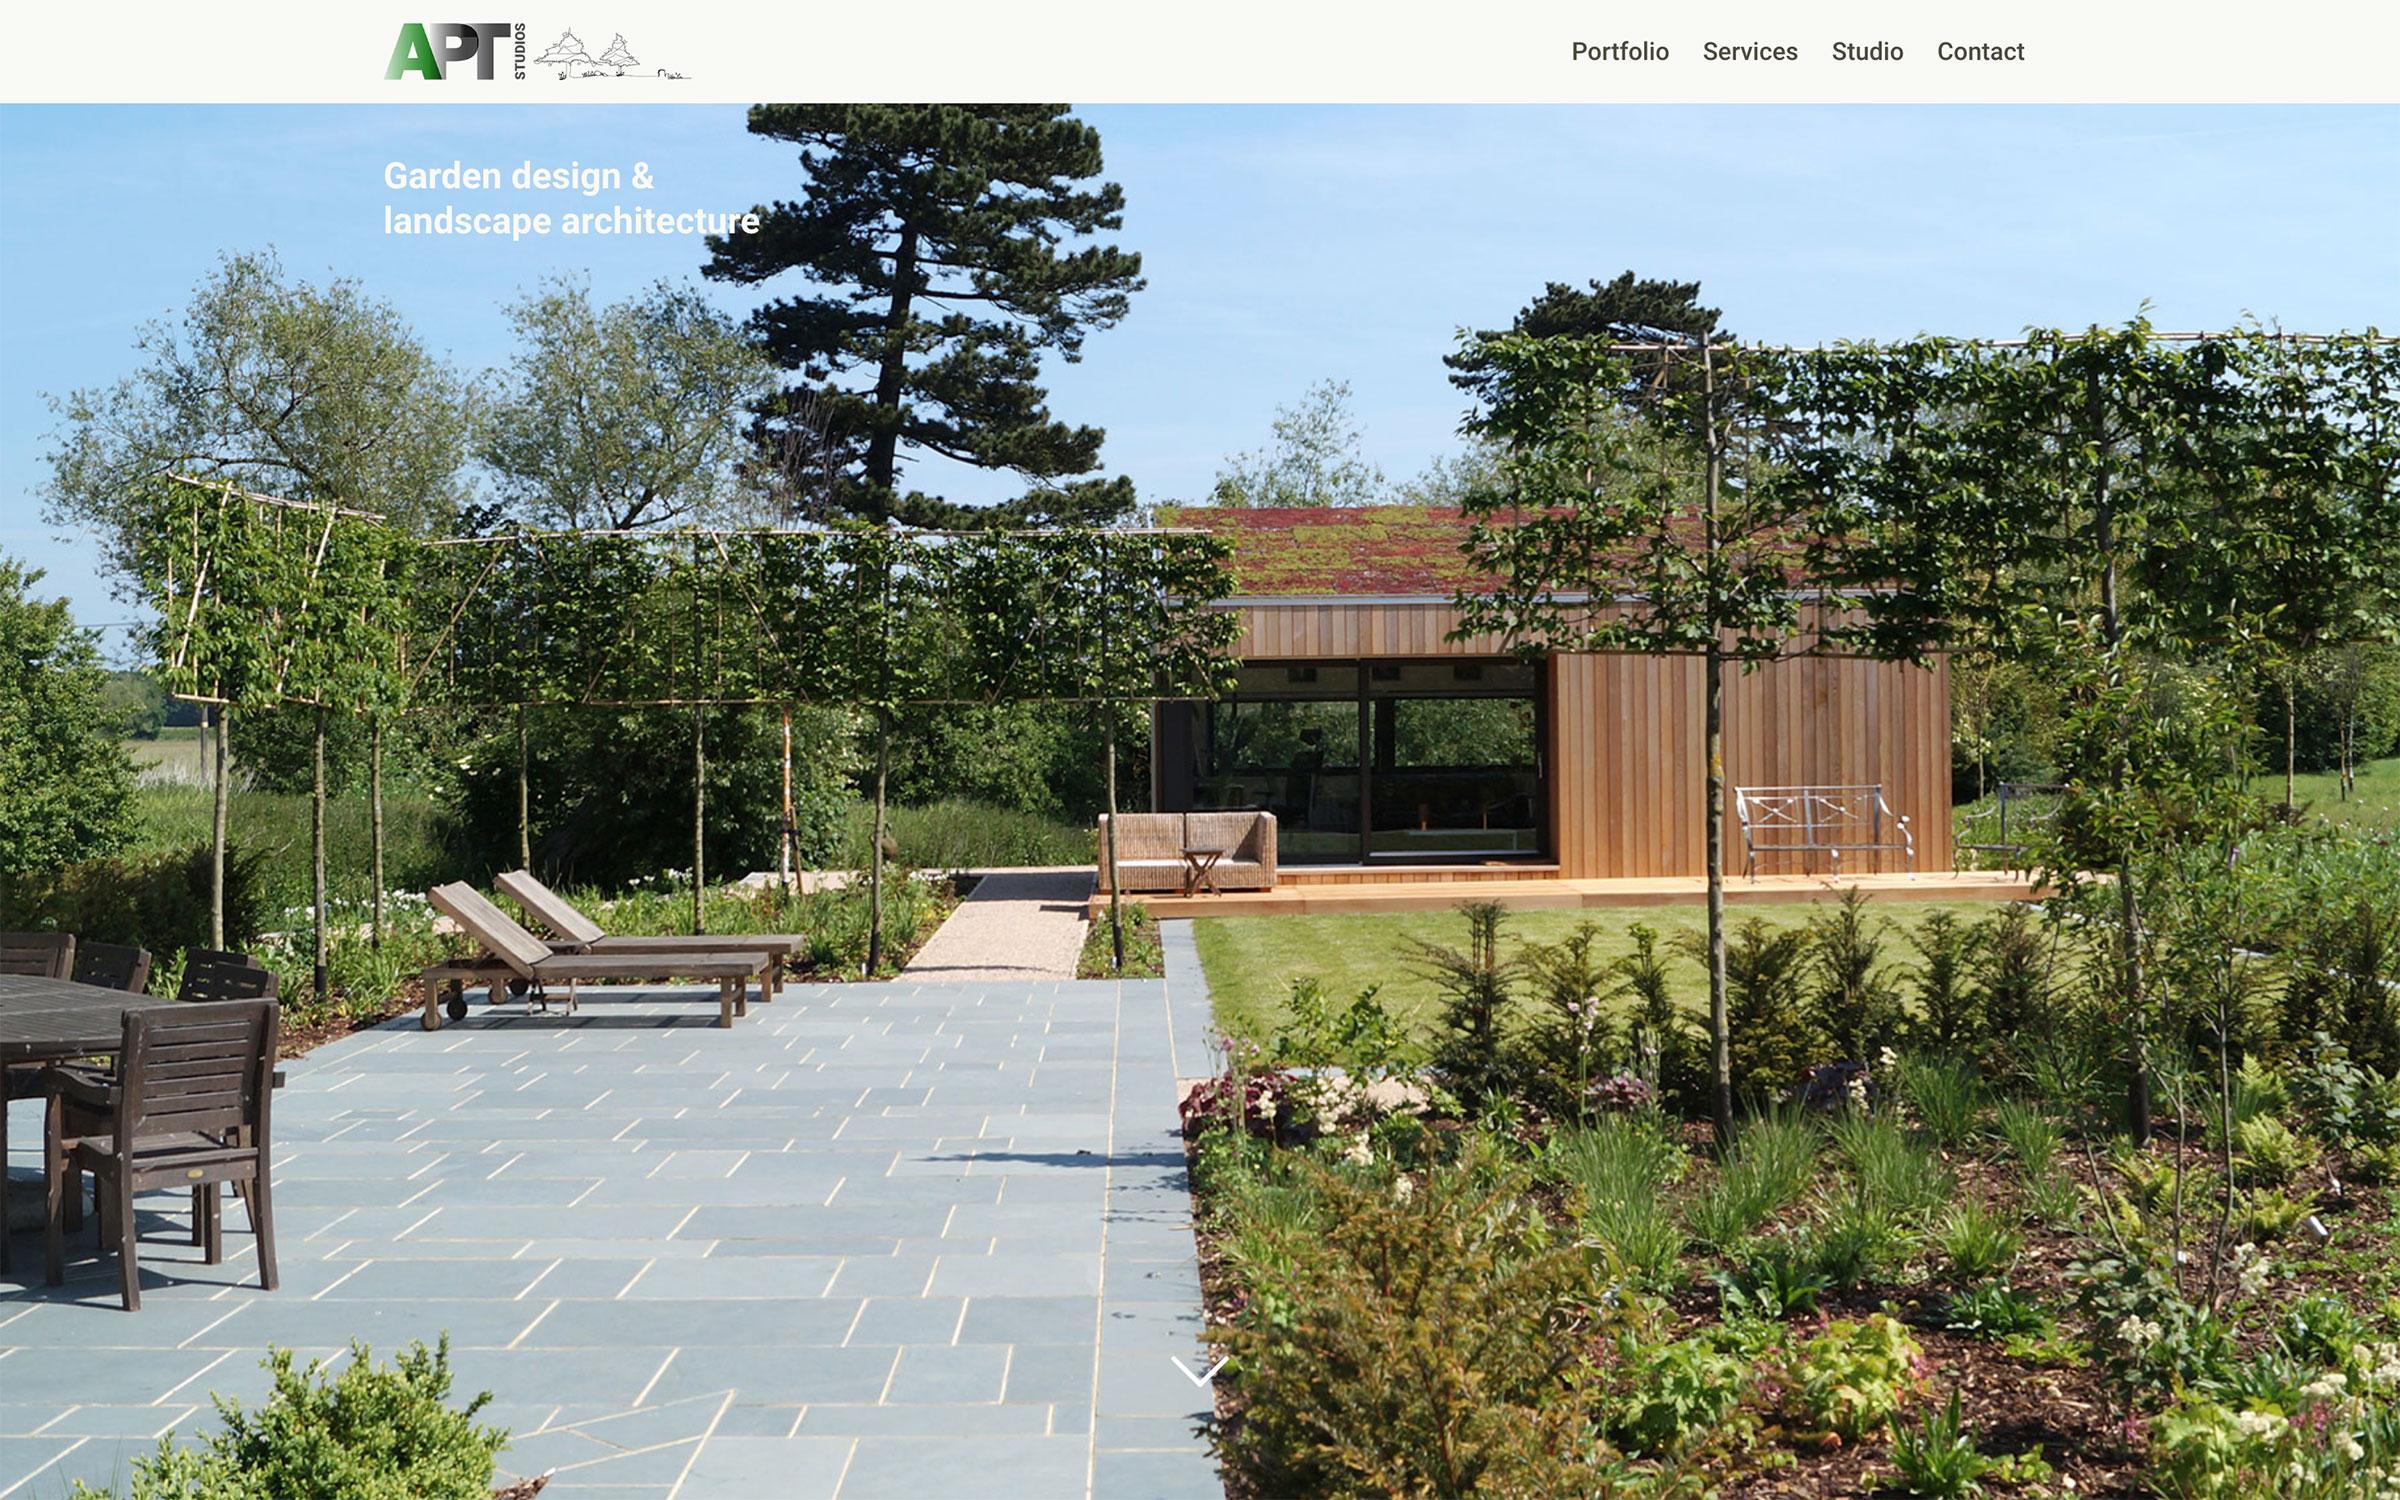 AptStudios.co.uk Website Design: Homepage